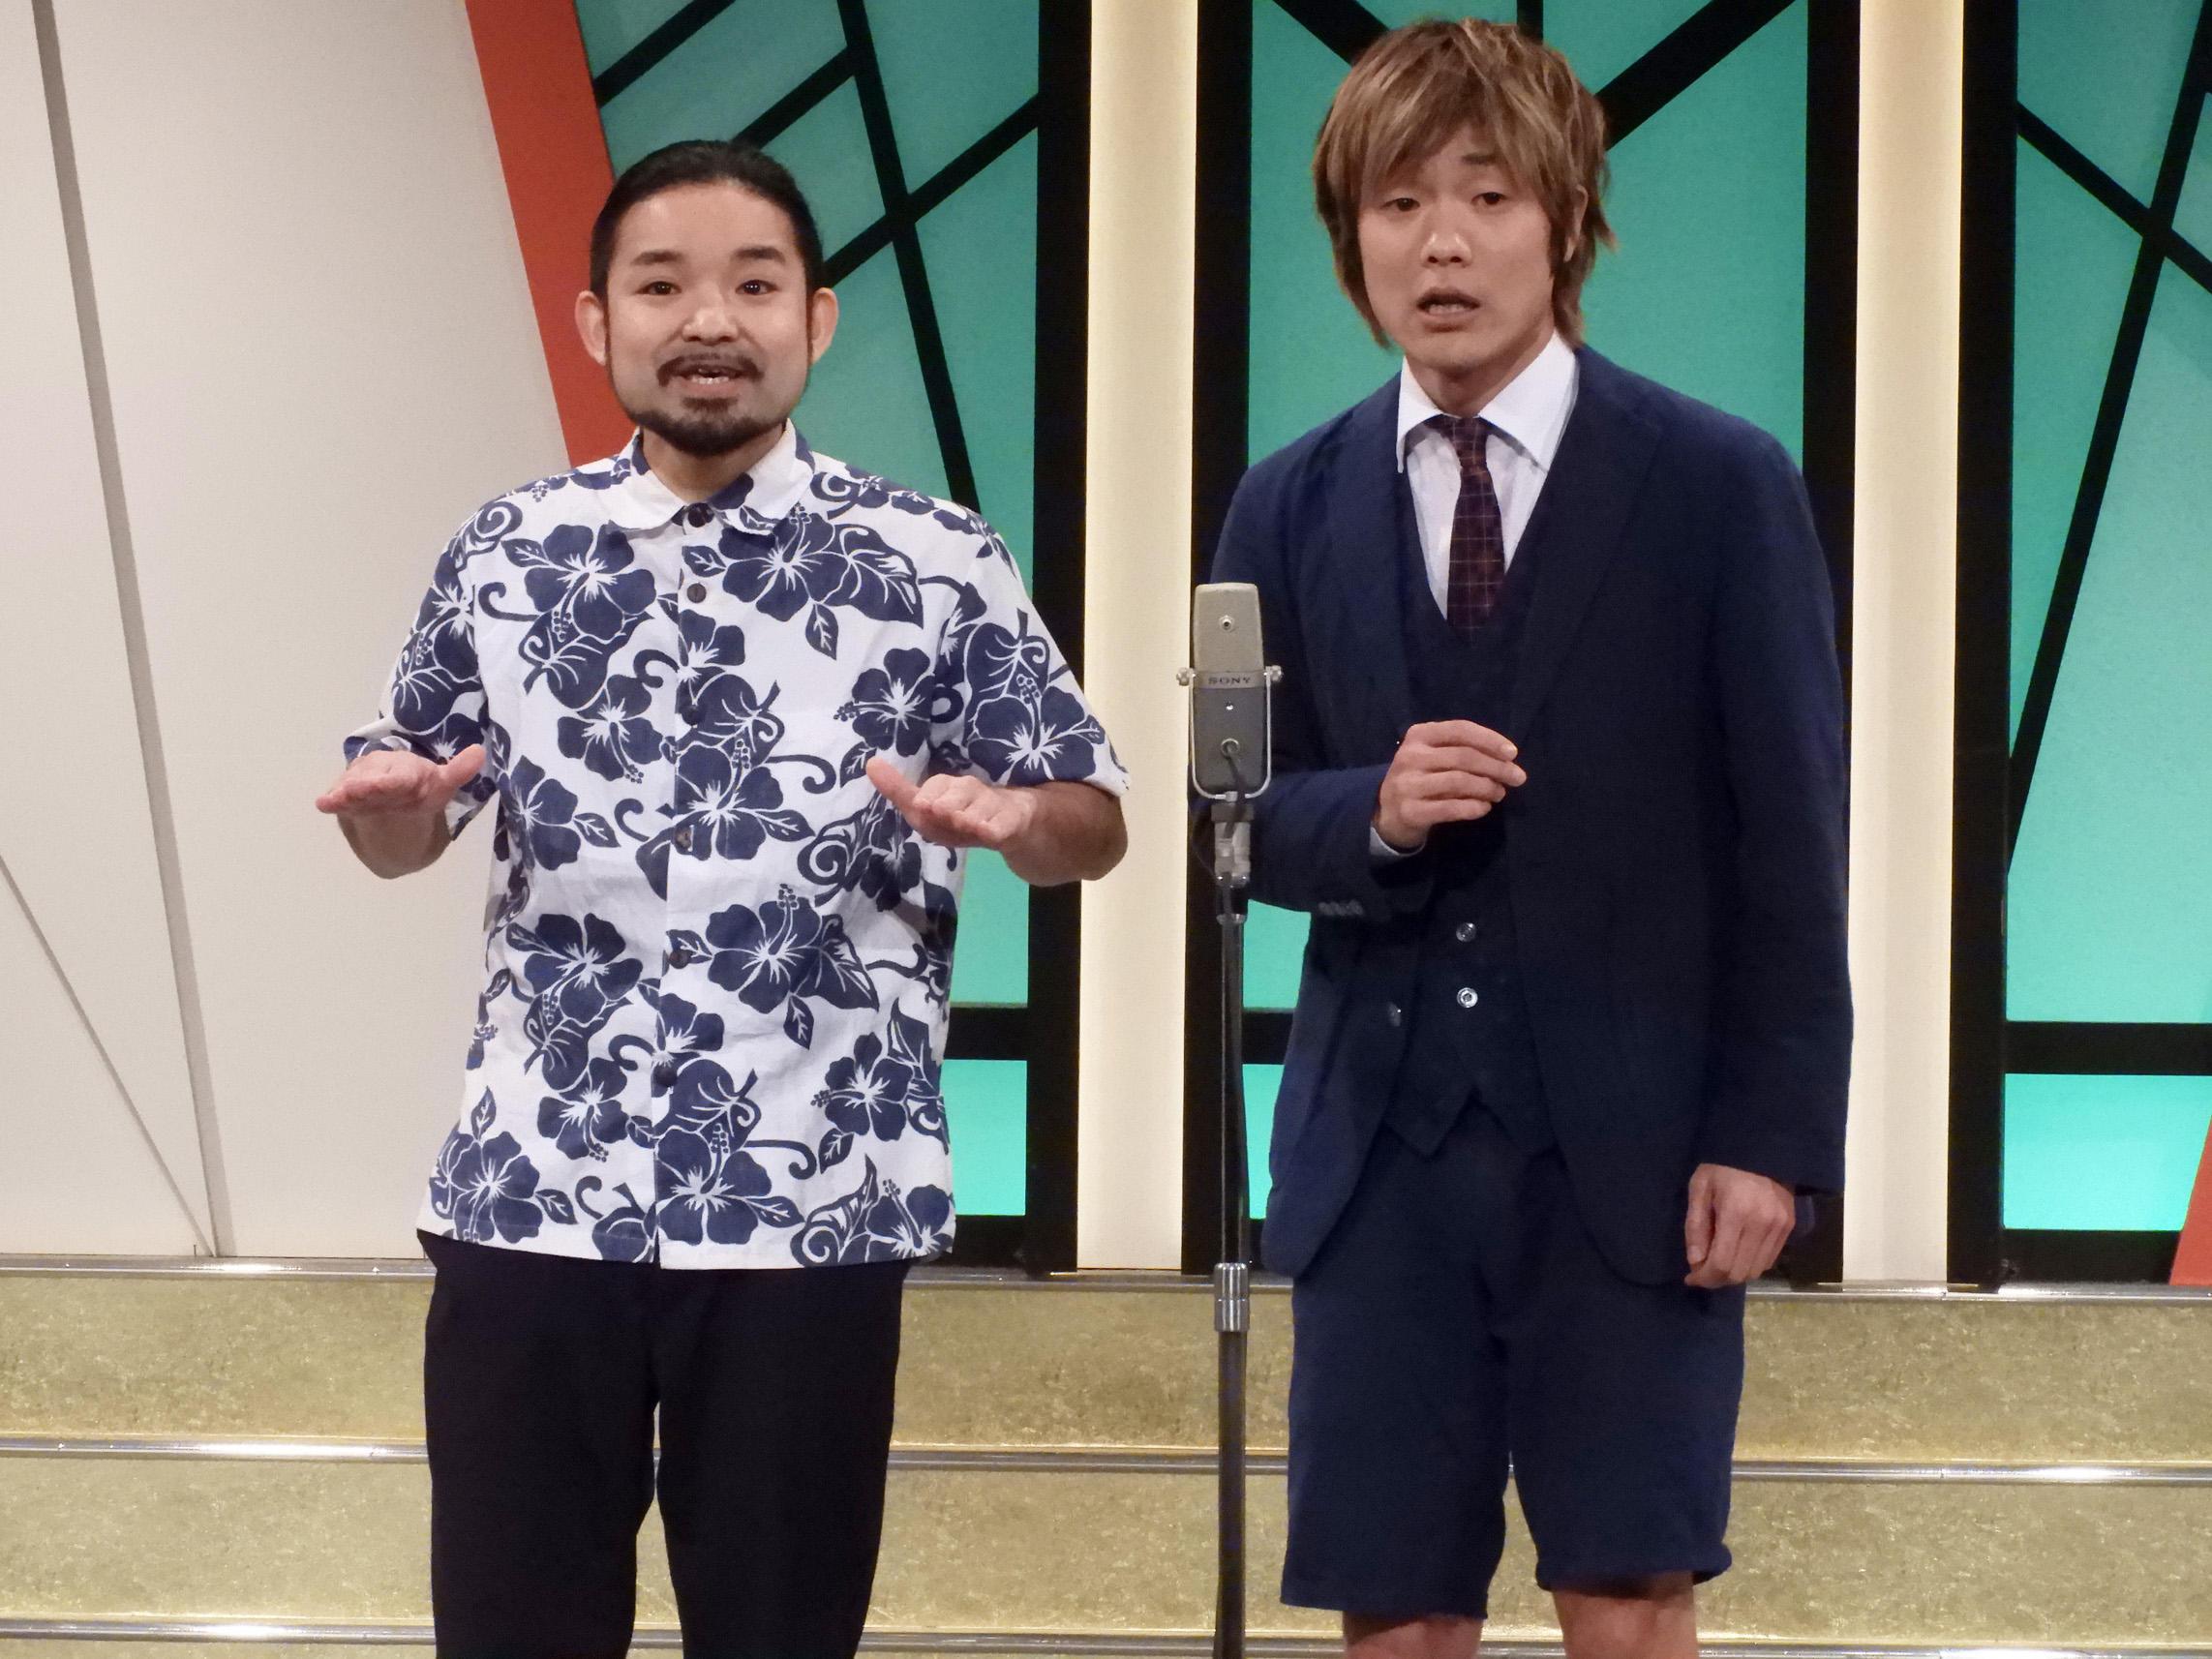 http://news.yoshimoto.co.jp/20181109115839-f9c99589cd9b7e873e7d0f0d8a46e03c39c0e0b1.jpg